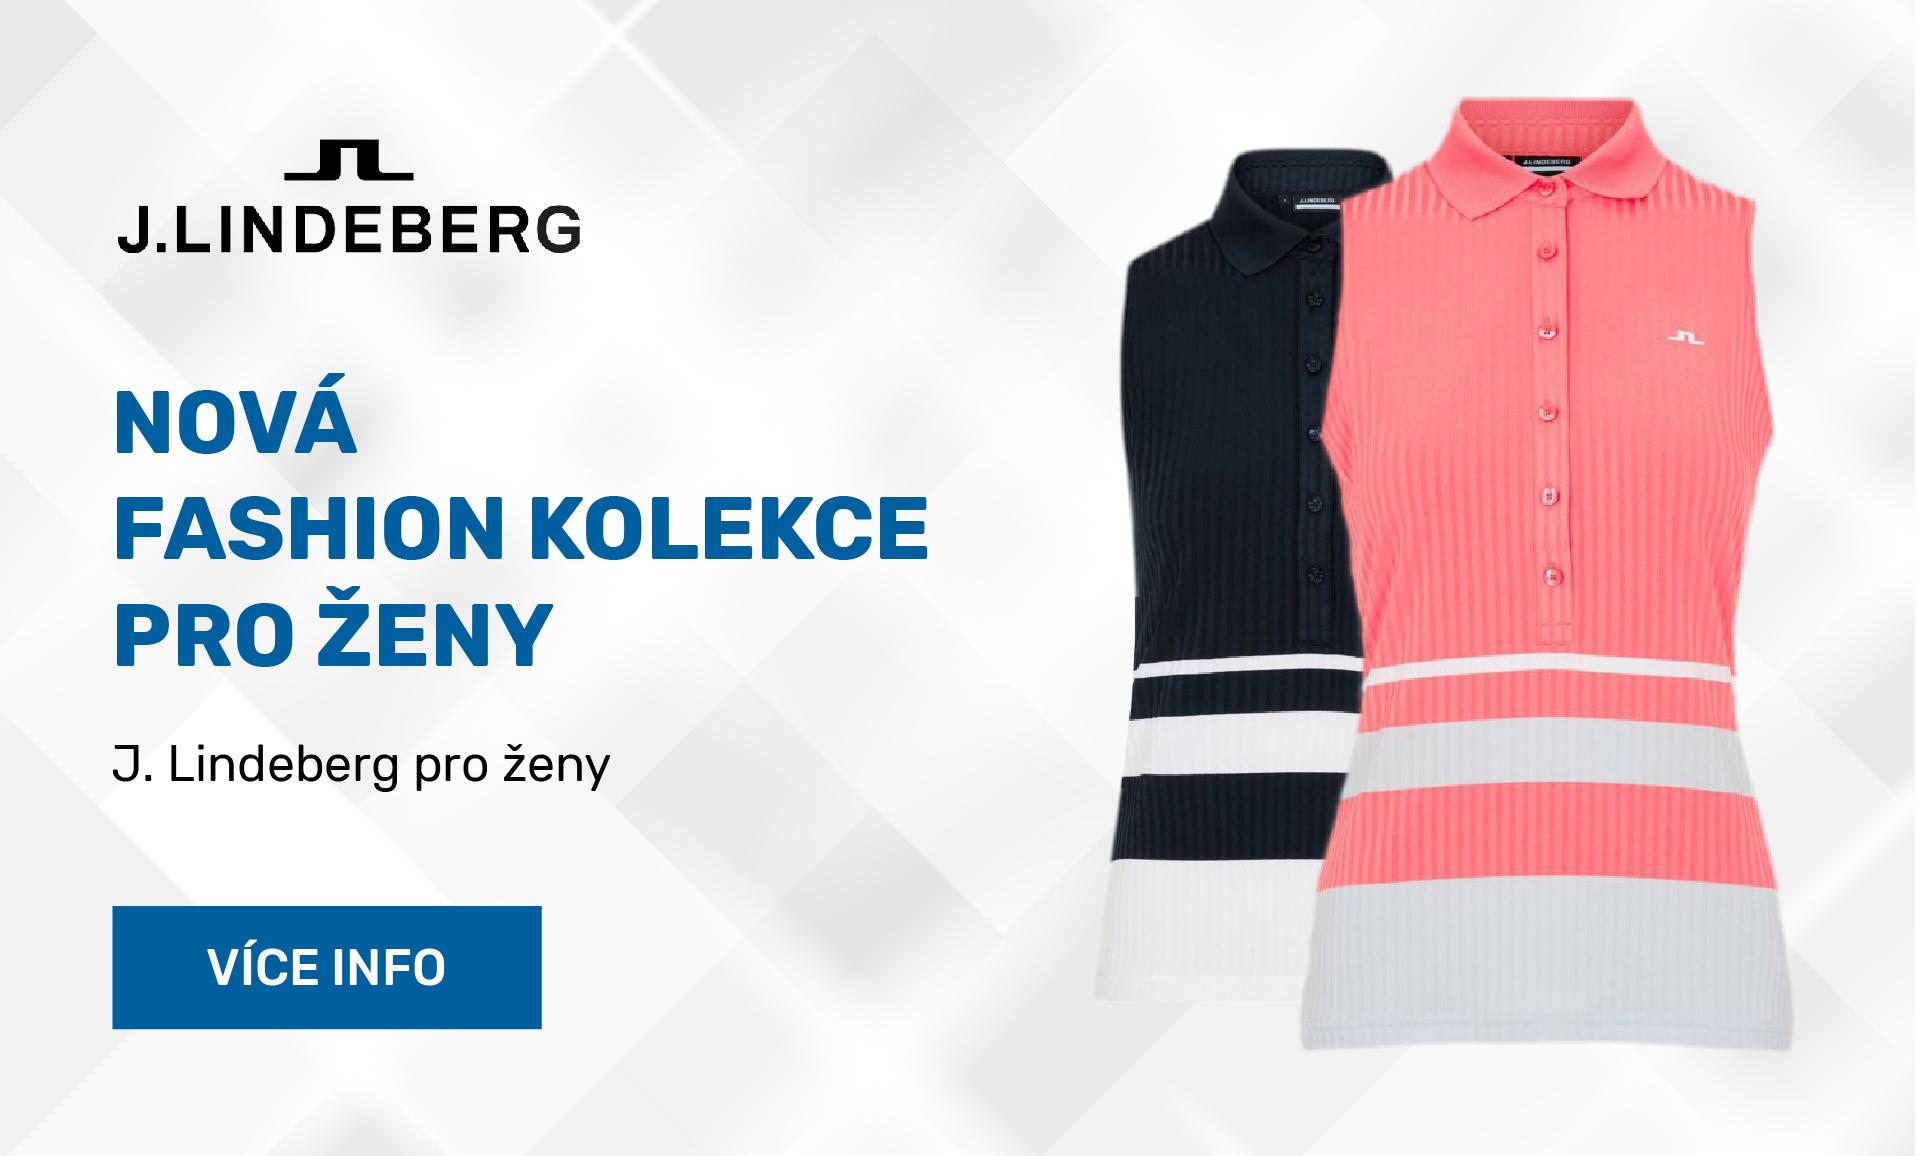 Golfové oblečení J.Lindeberg přo ženy